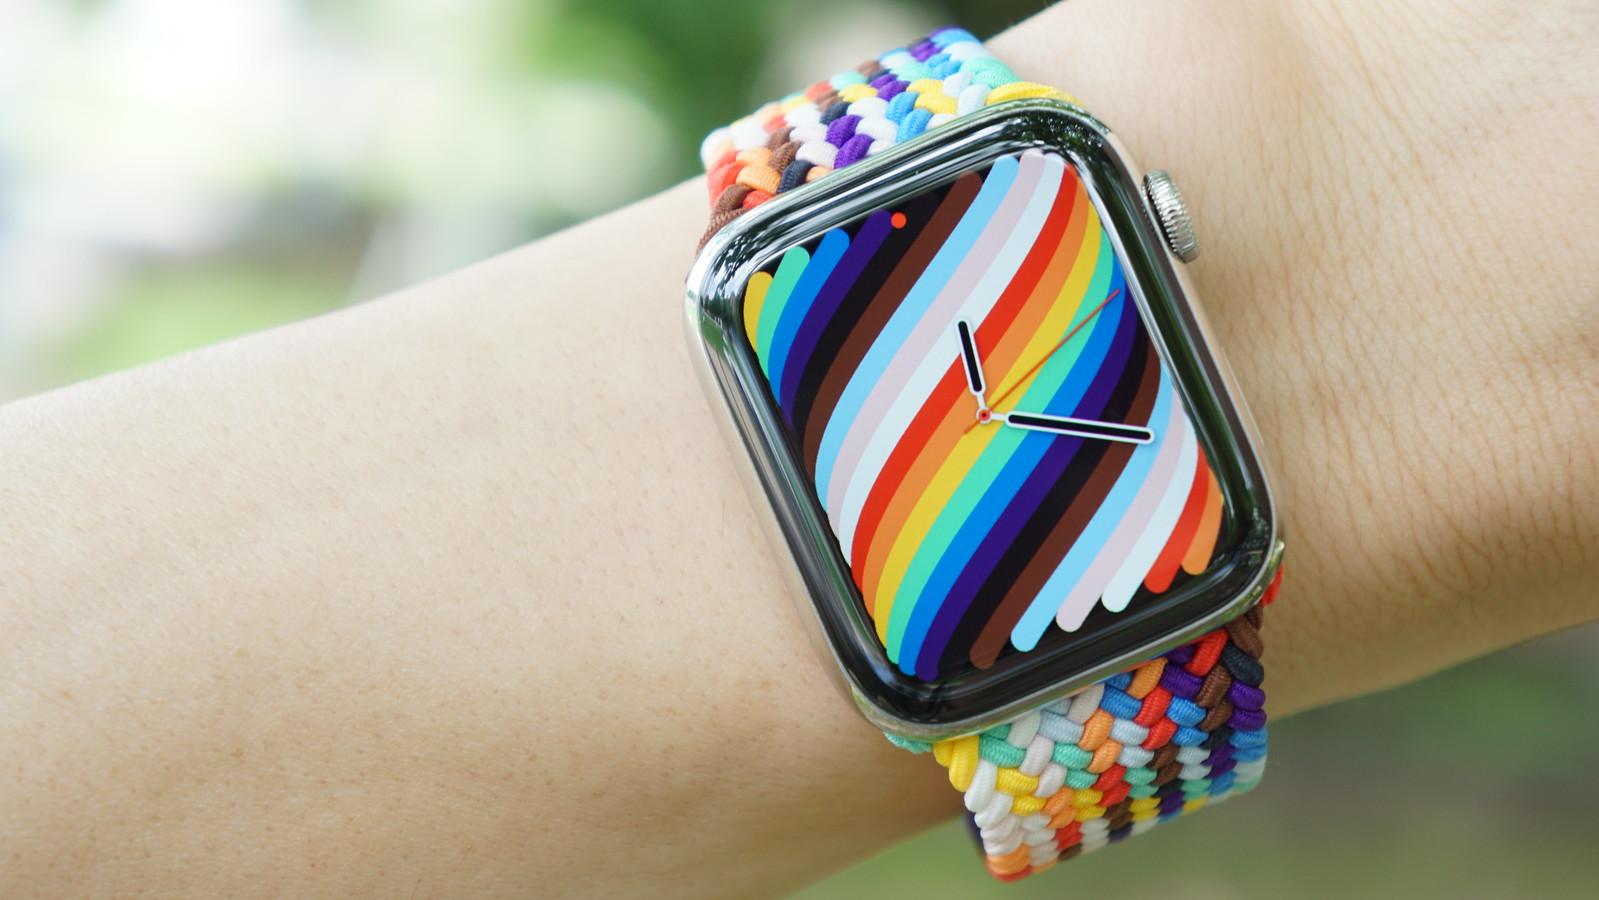 Apple Watch プライドエディションブレイデッドソロループをレビュー